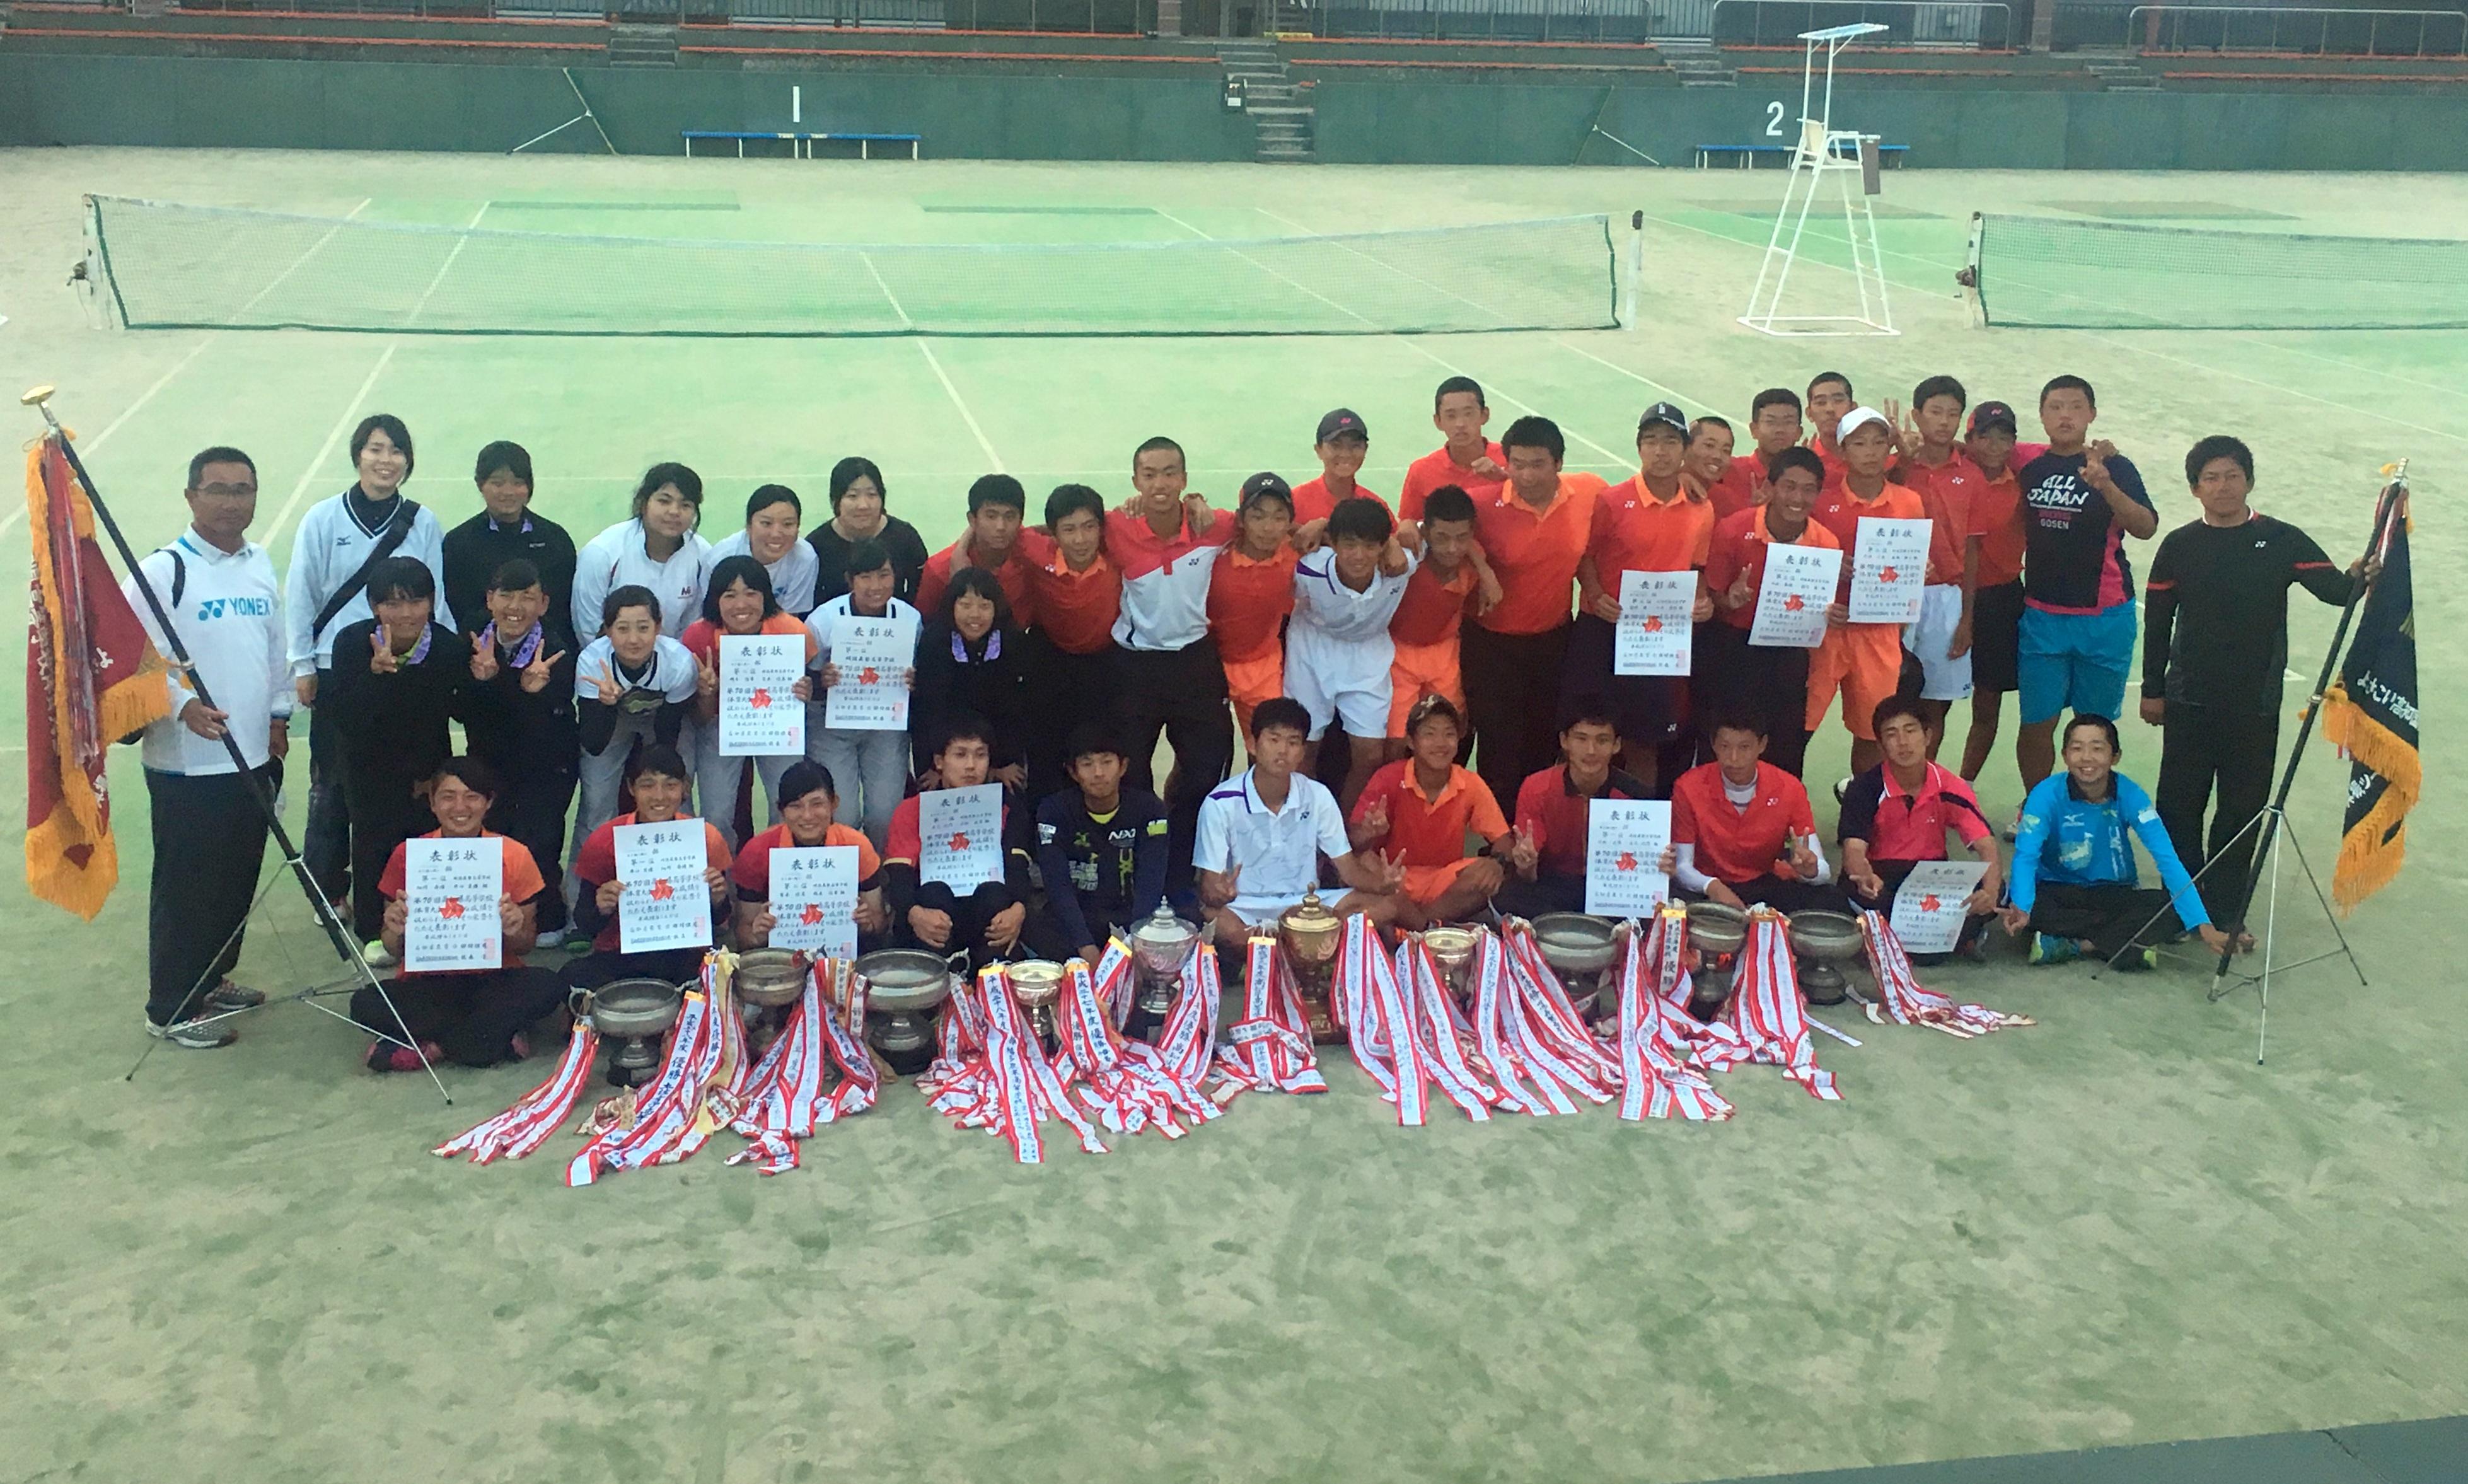 画像2: ※5月23日:記事掲載。30日:写真を追加し記事加筆しました 高知県では高知市東部テニスコートで5月20、21日に全国総体予選が行われた。 男女とも明徳義塾が頂点に立ち、男子は4年連続14回目、女子は5年ぶりのインターハ [...] www.softtennis-mag.com